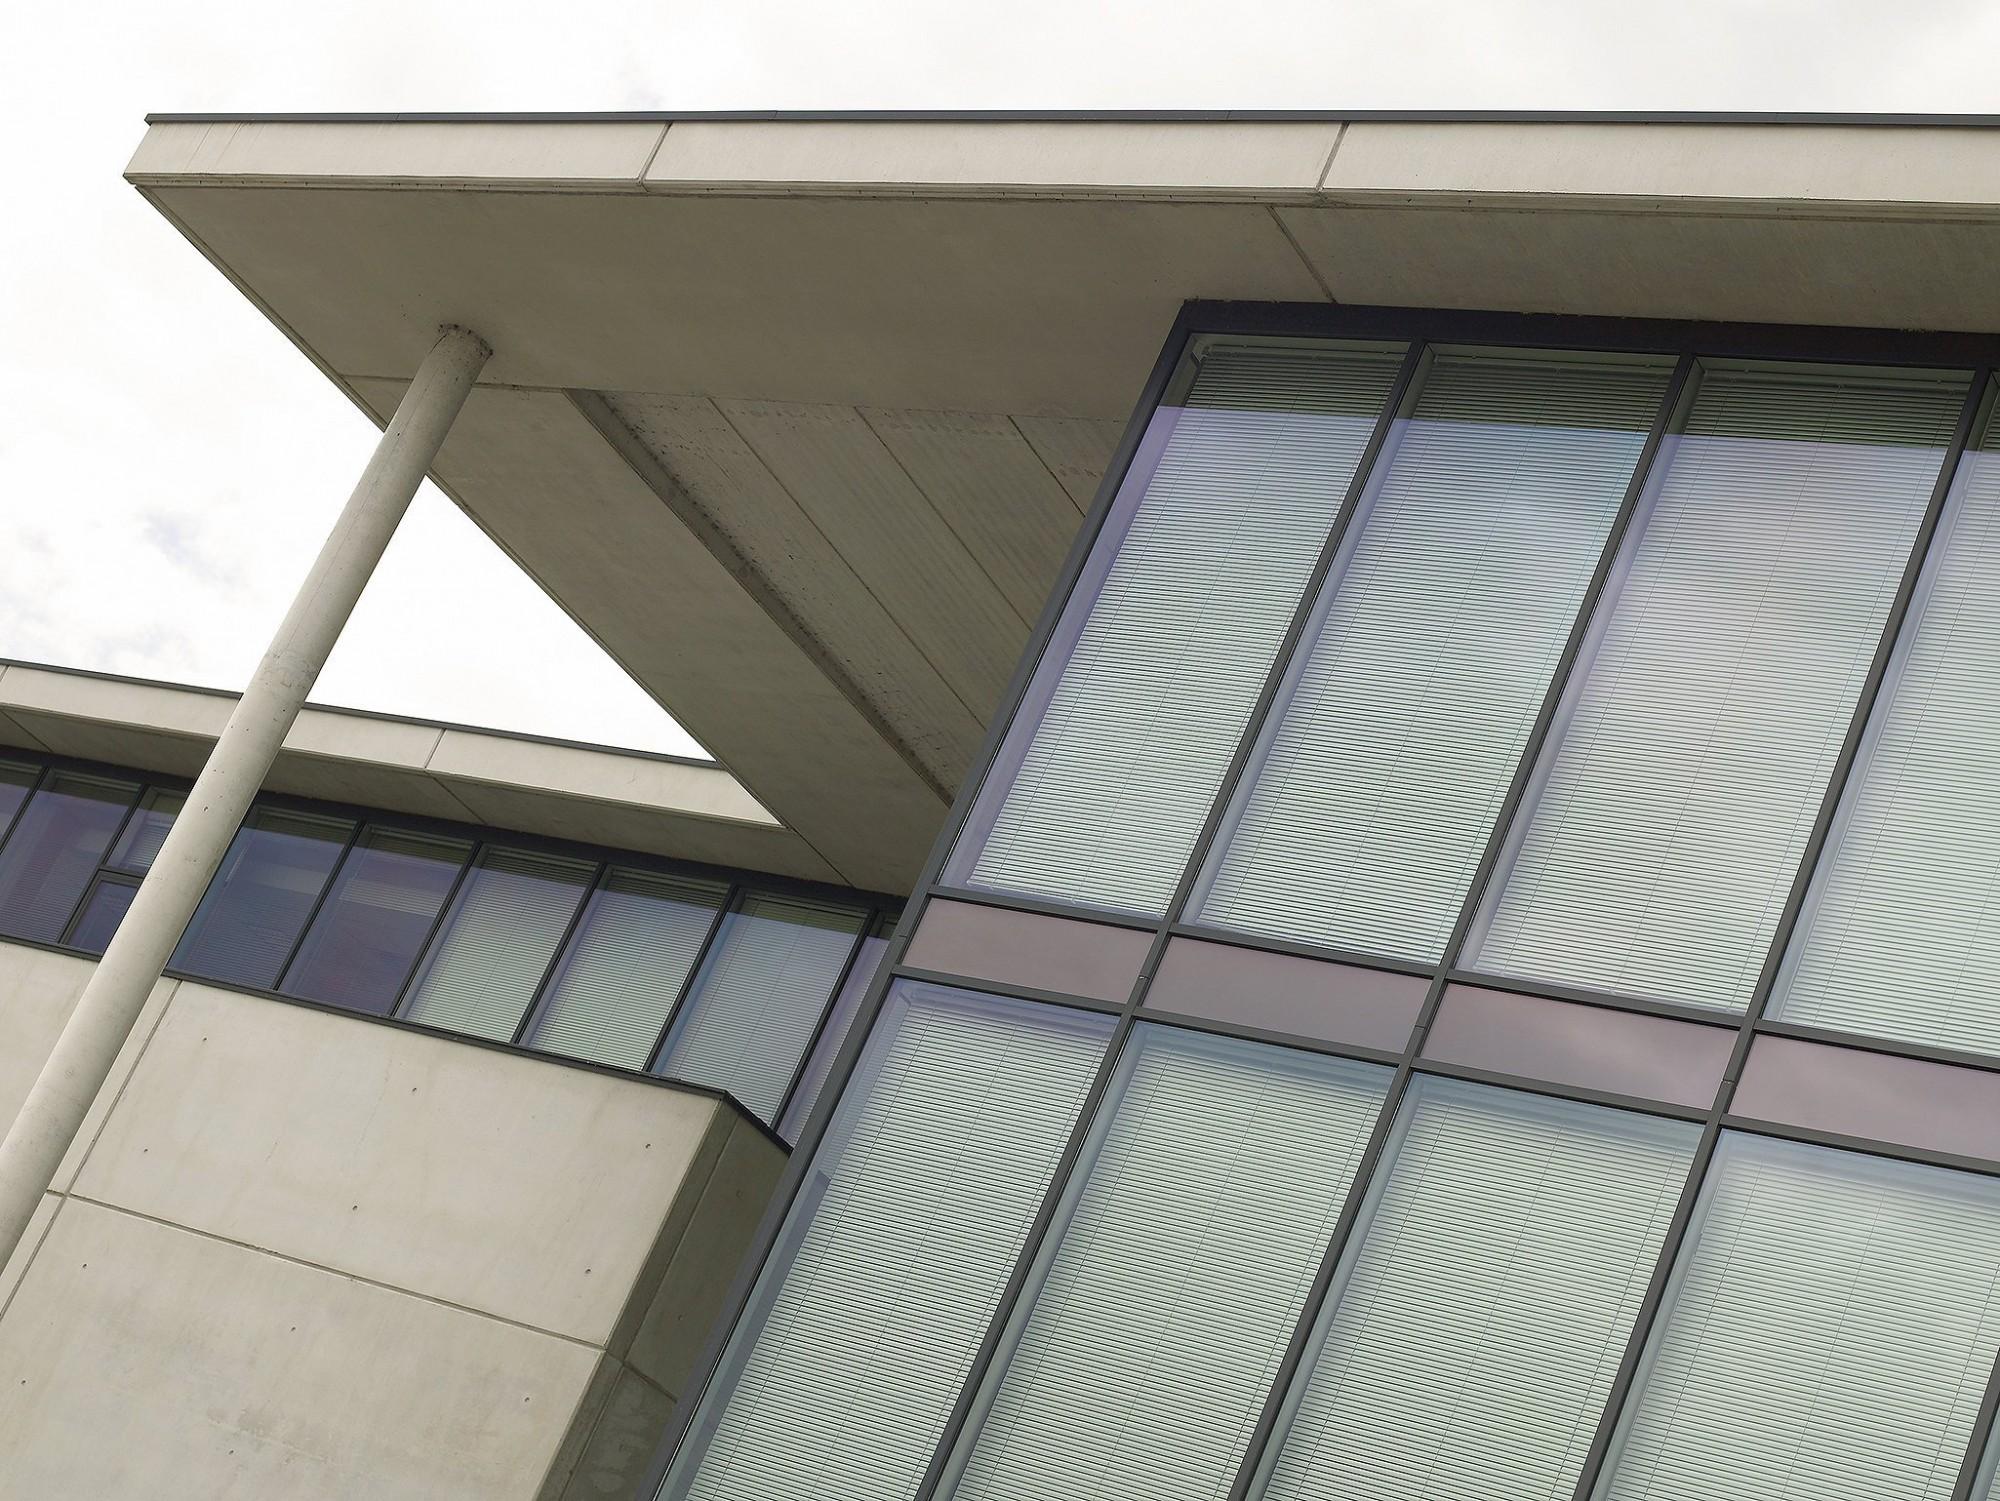 Afbeelding: Architectuur fotografie bedrijf - detail raamprofielen,CEI Eke, voor KA construct.